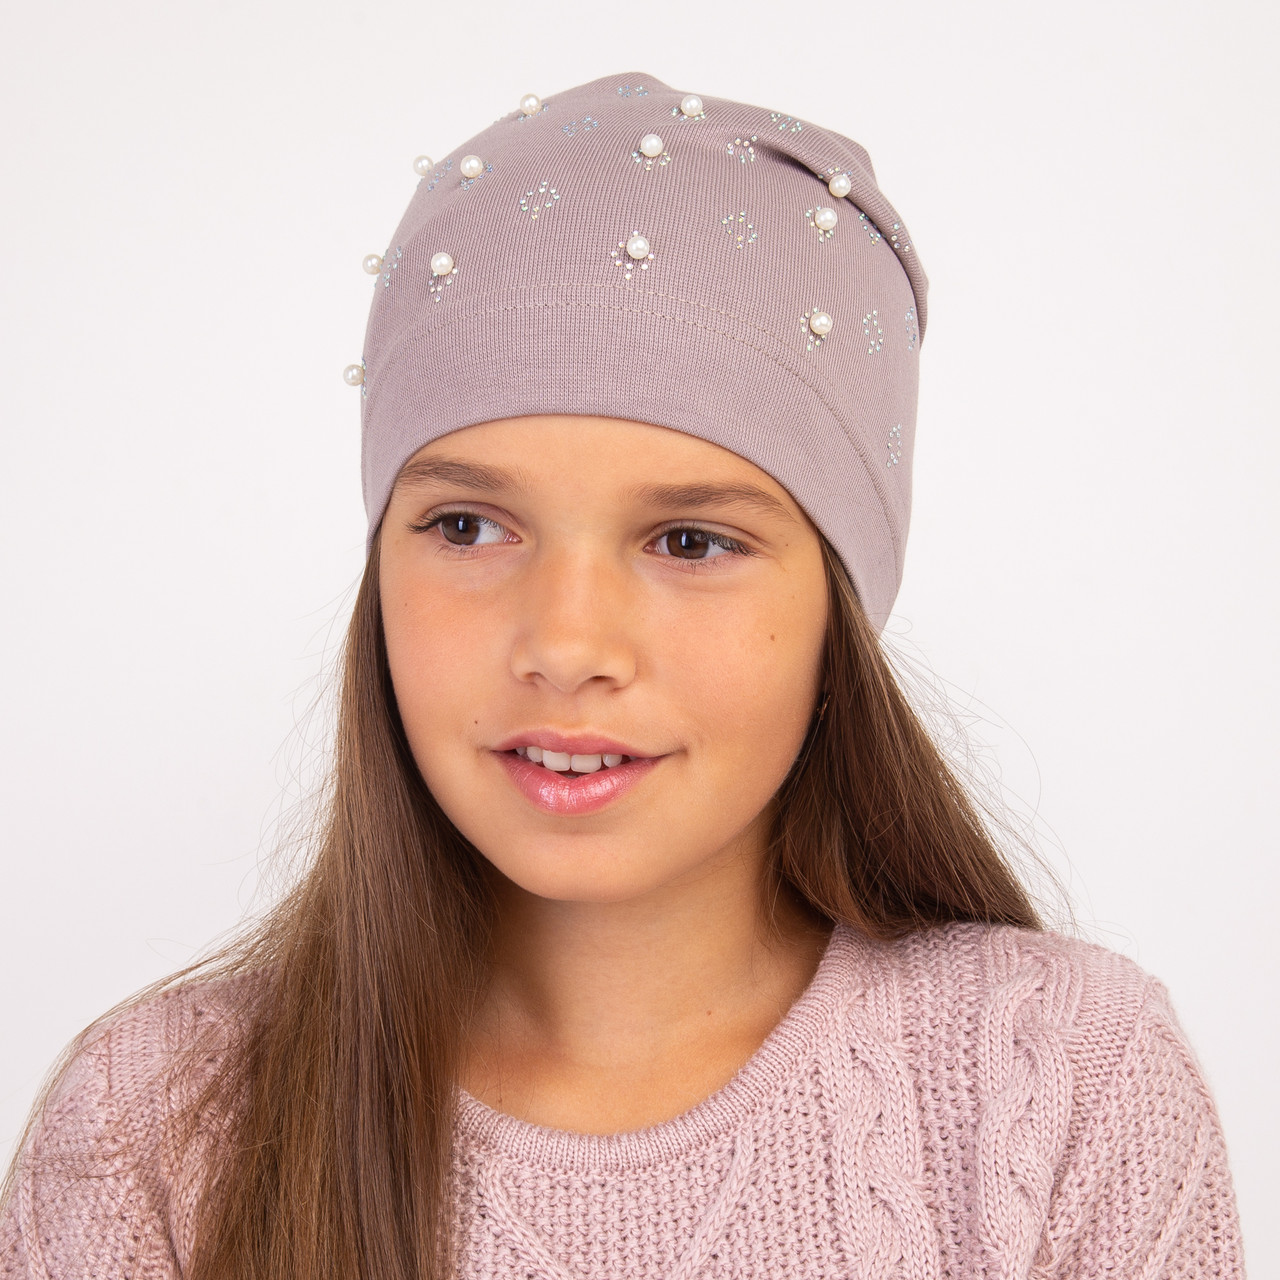 Стильная шапка на весну для девочки - Артикул 2269